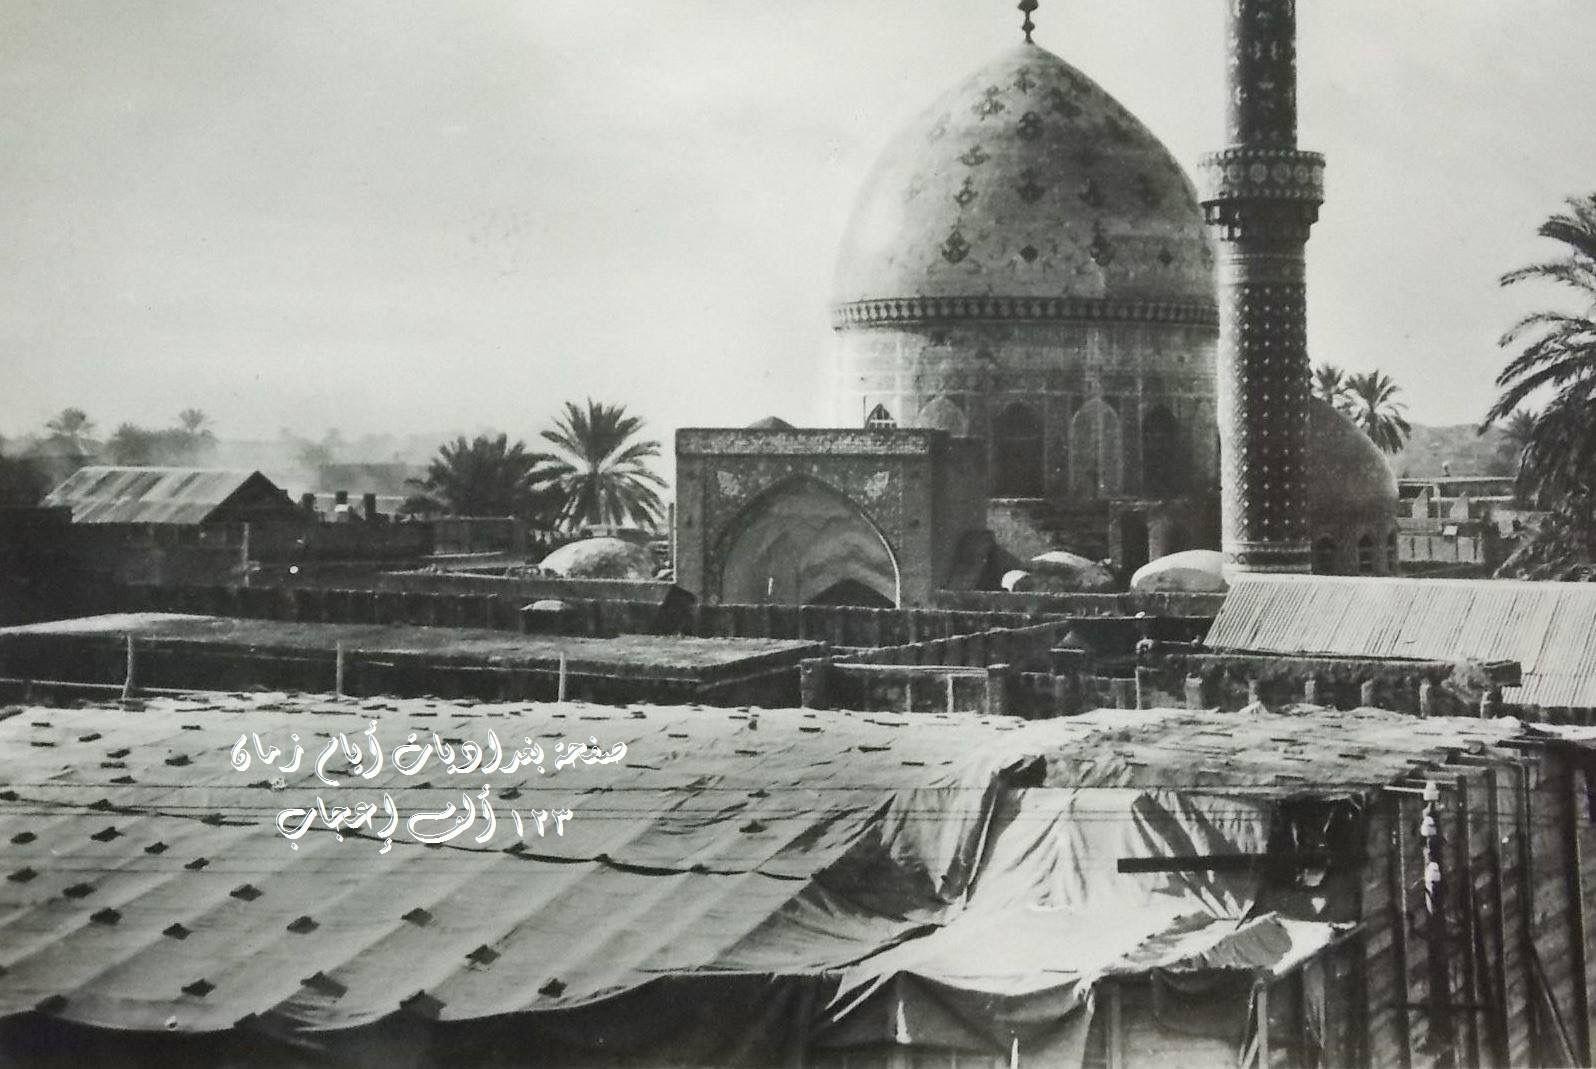 جامع الوزير محلة جديد حسن باشا نهاية الثلاثينيات Baghdad Photo Taj Mahal